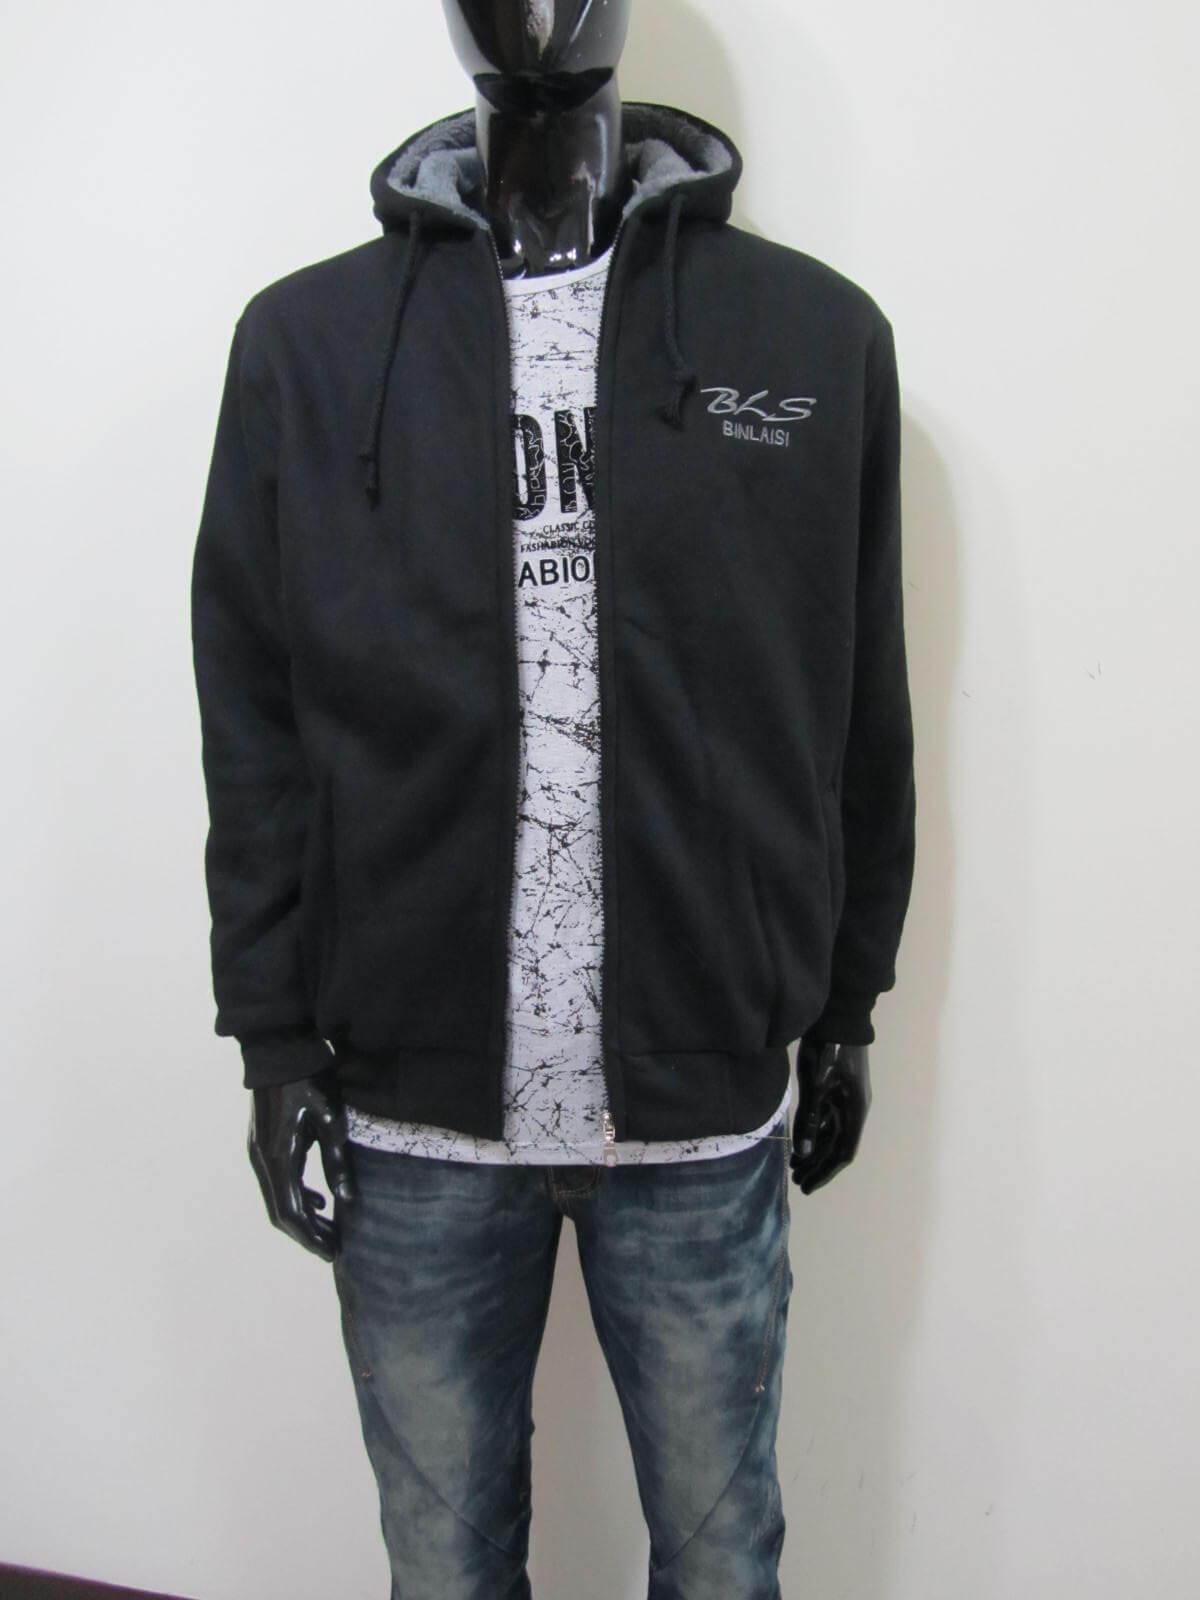 厚刷毛外套 保暖外套 連帽外套 夾克外套 休閒外套 黑色外套 Fleece Jackets Warm Jackets Casual Jackets Men's Jackets (312-2801-21)黑色 單一尺寸 F 胸圍46英吋 (117公分) 男 [實體店面保障]sun-e 1